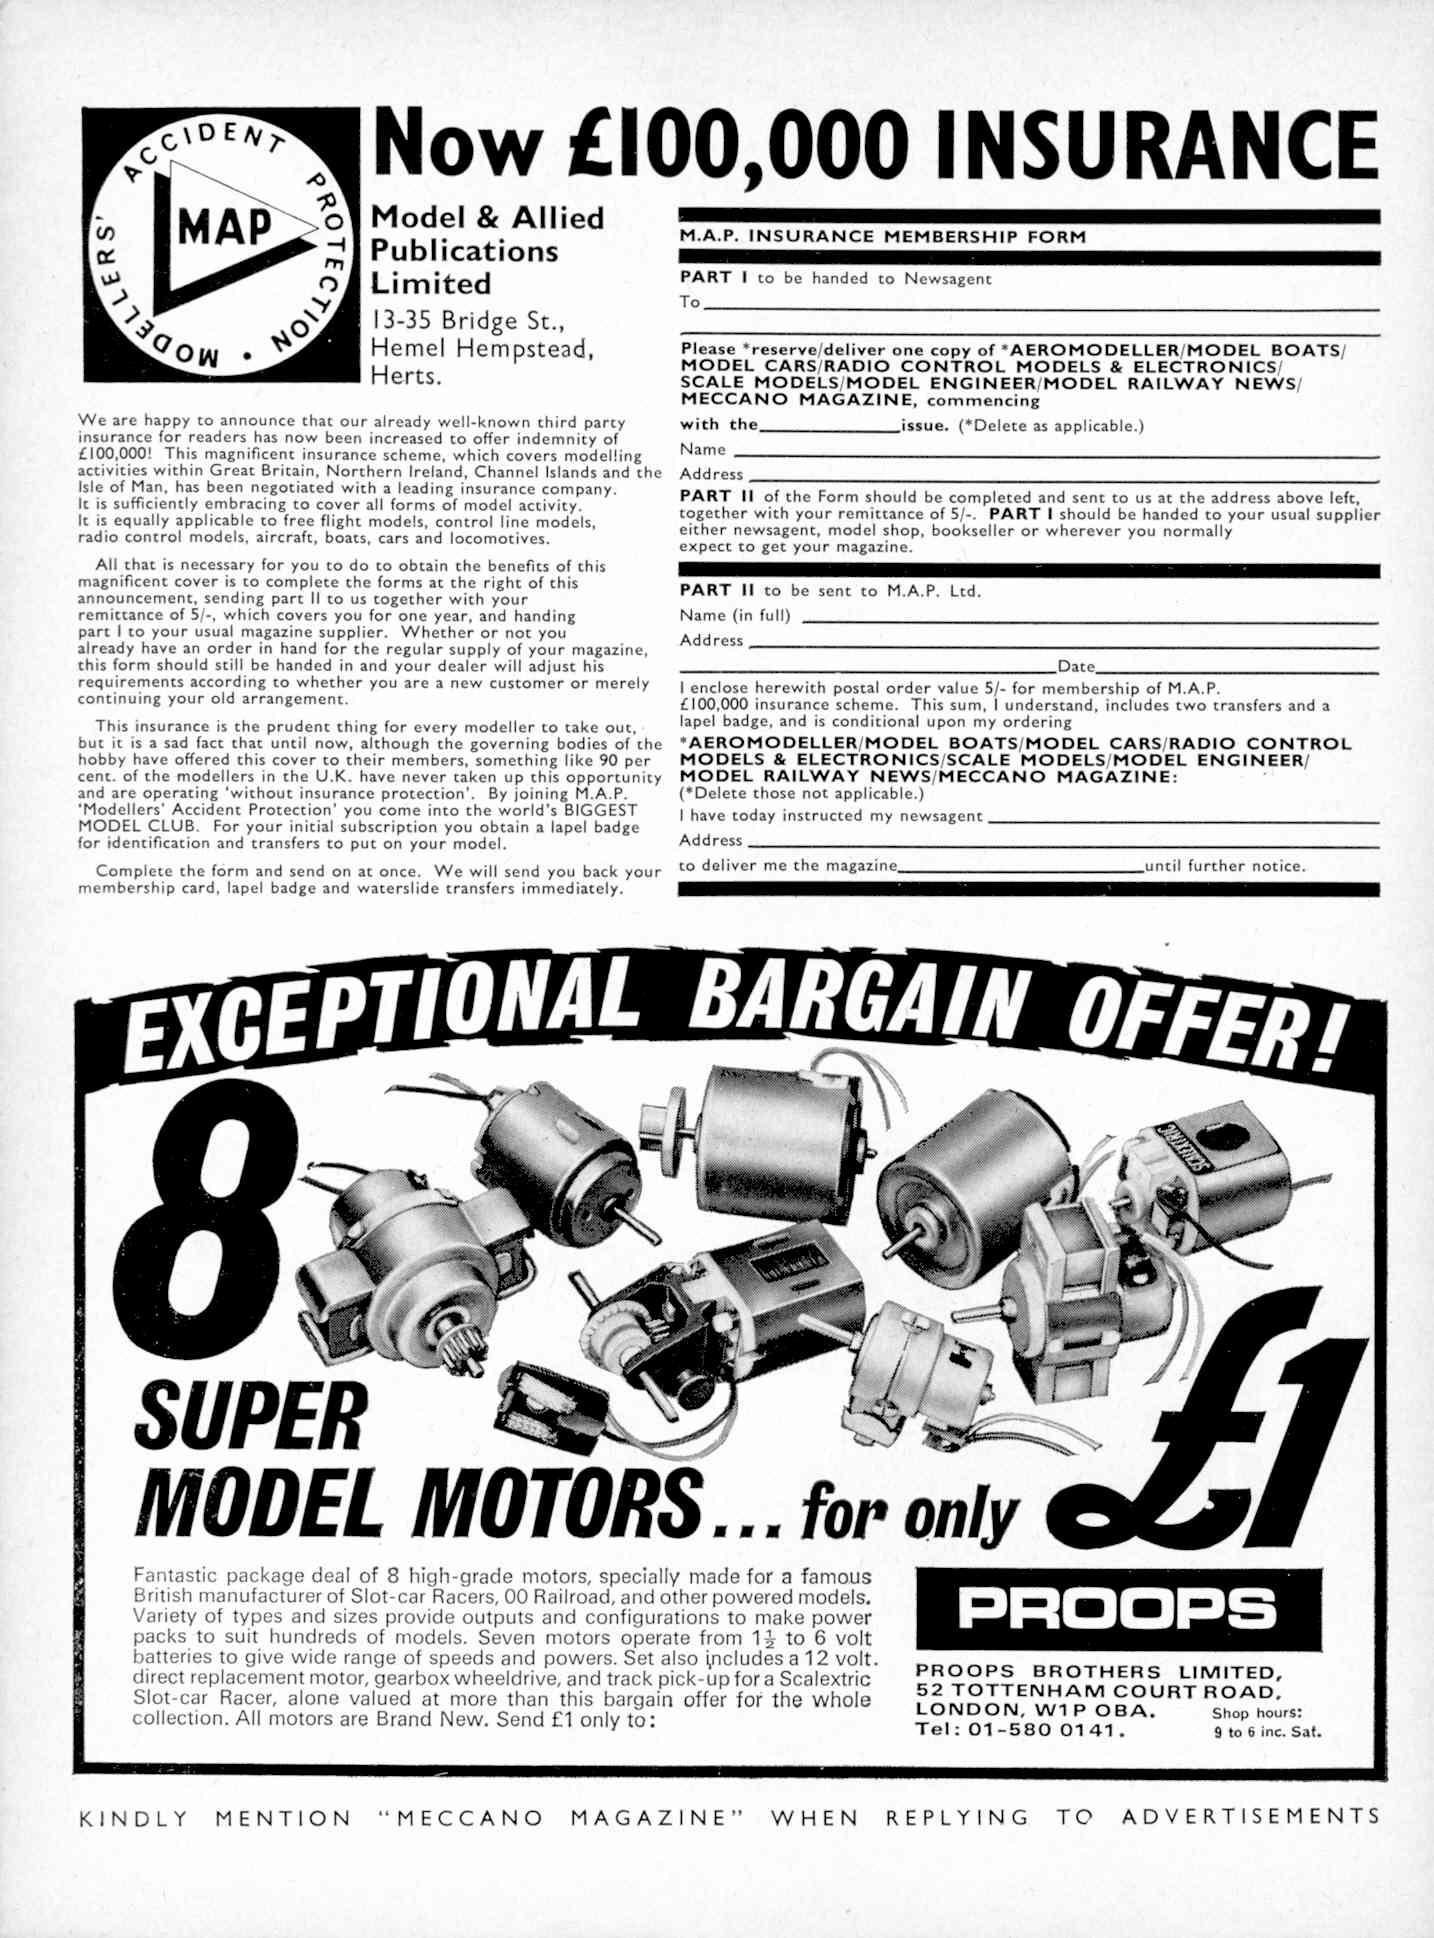 UK Meccano Magazine October 1970 Page 530